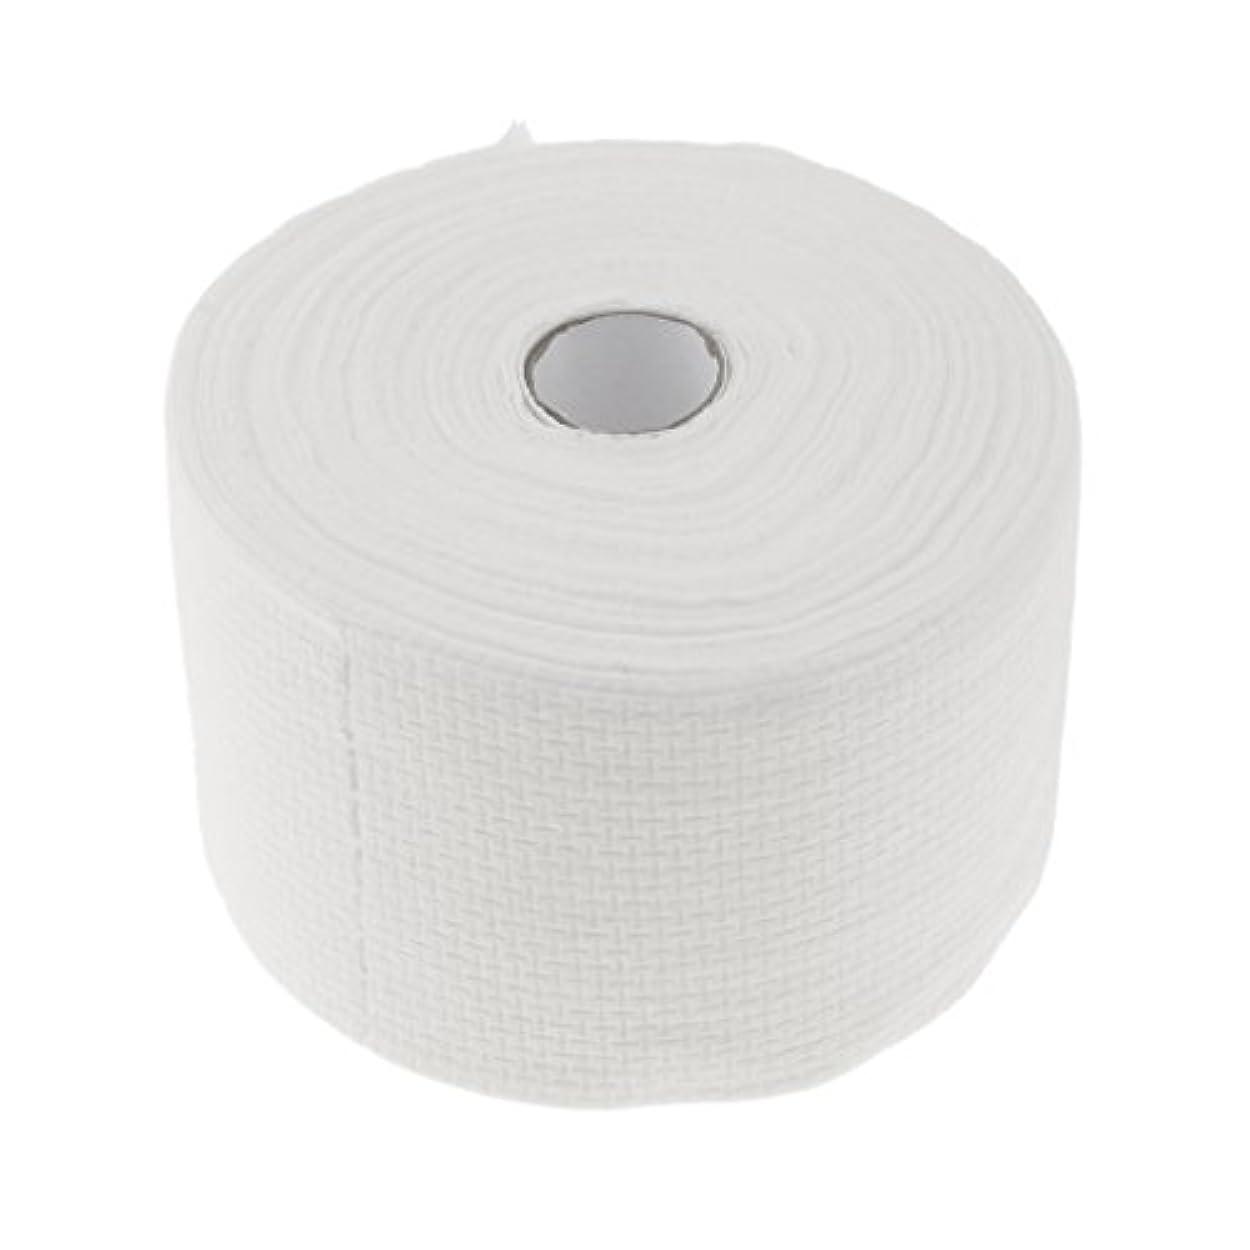 知覚間違っているによるとPerfk 使い捨てタオル ロール式 洗顔タオル 30M コットン 快適 便利 家庭用 サロン 2タイプ選べる - #1